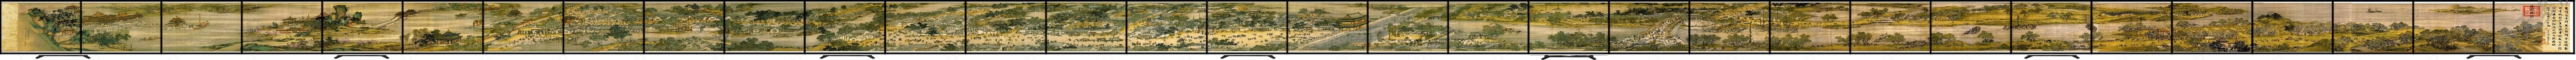 清明上河图超长超宽全景多屏拼接液晶视频墙大水平风景模式